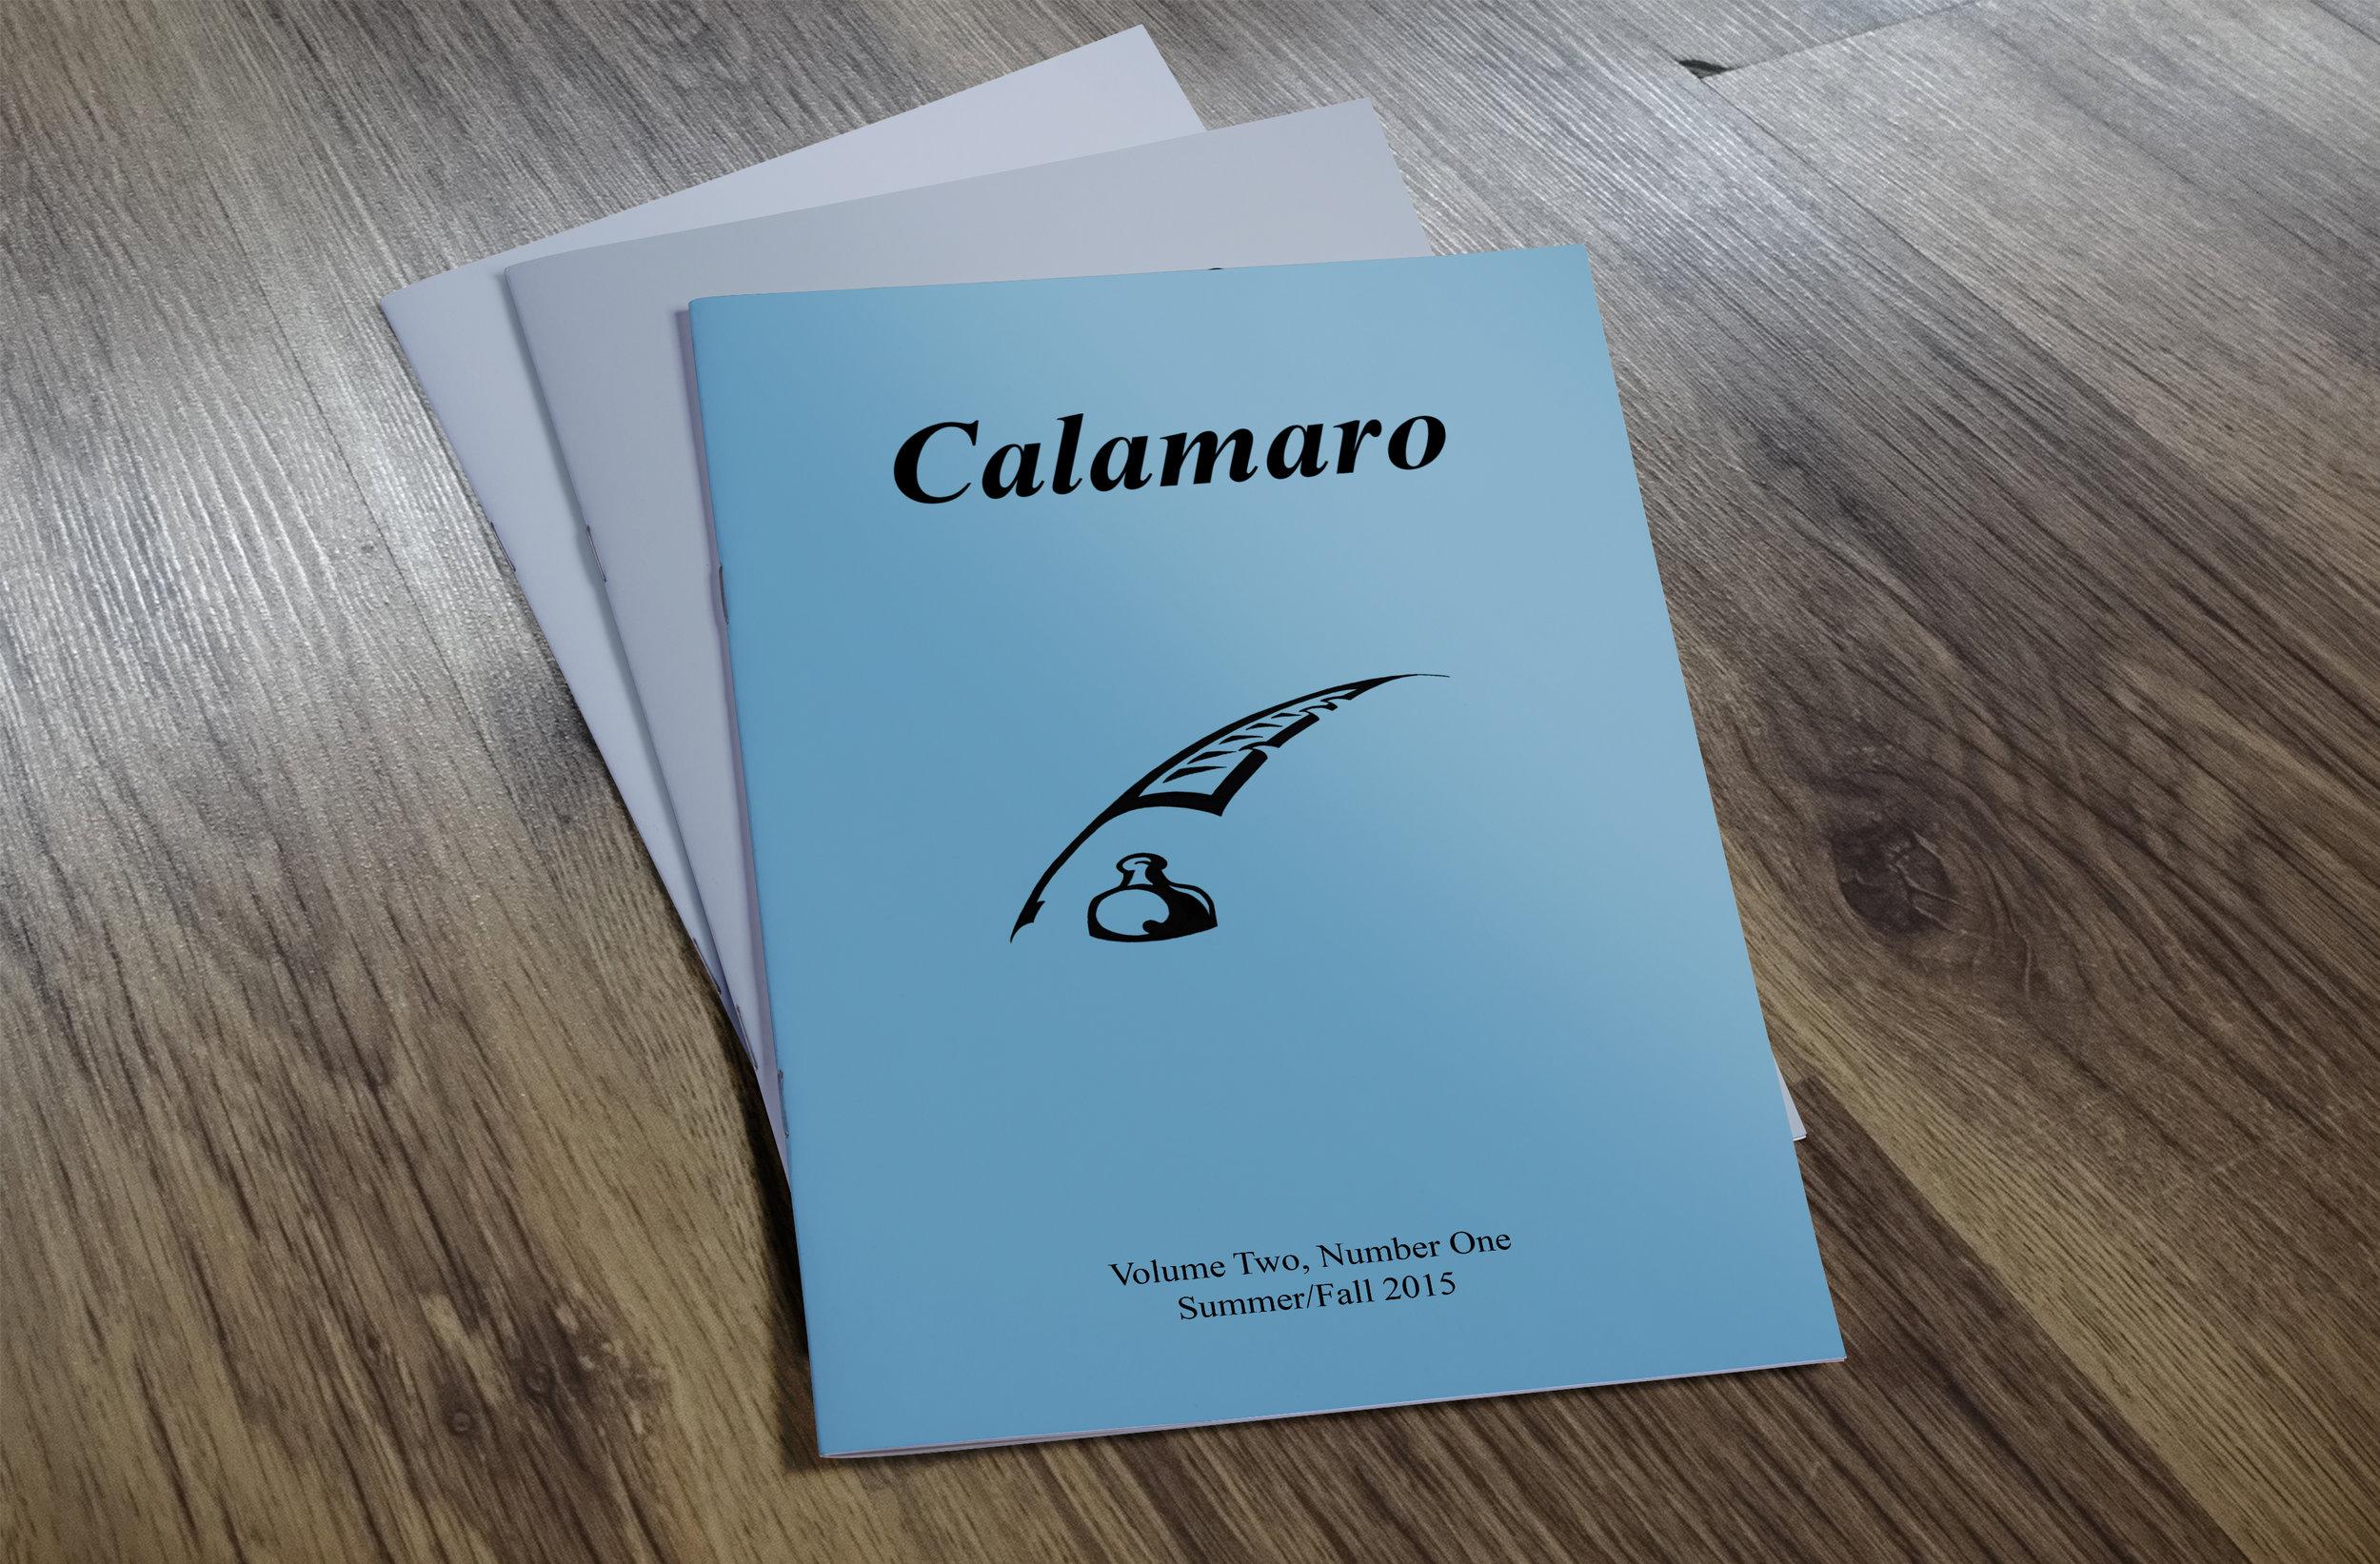 Calamaro_Book_Mockup.jpg